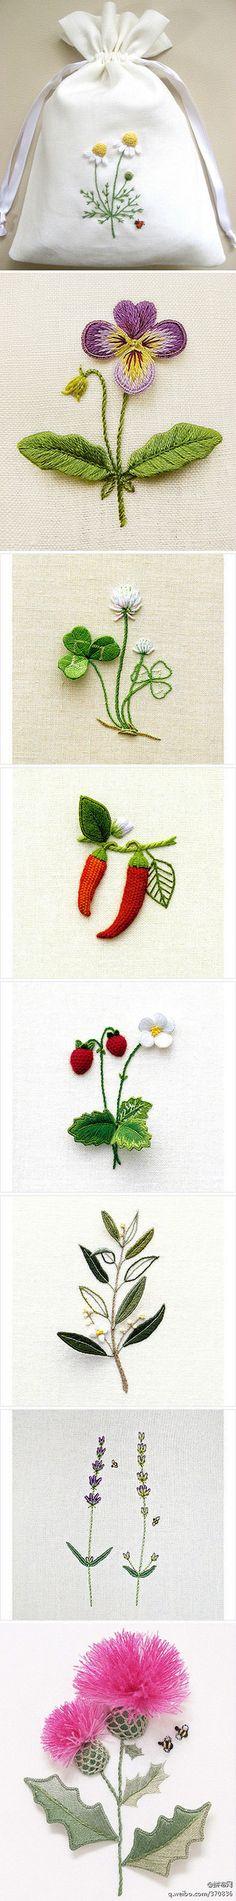 美美的花花 - 堆糖 发现生活_收集美好_分享图片